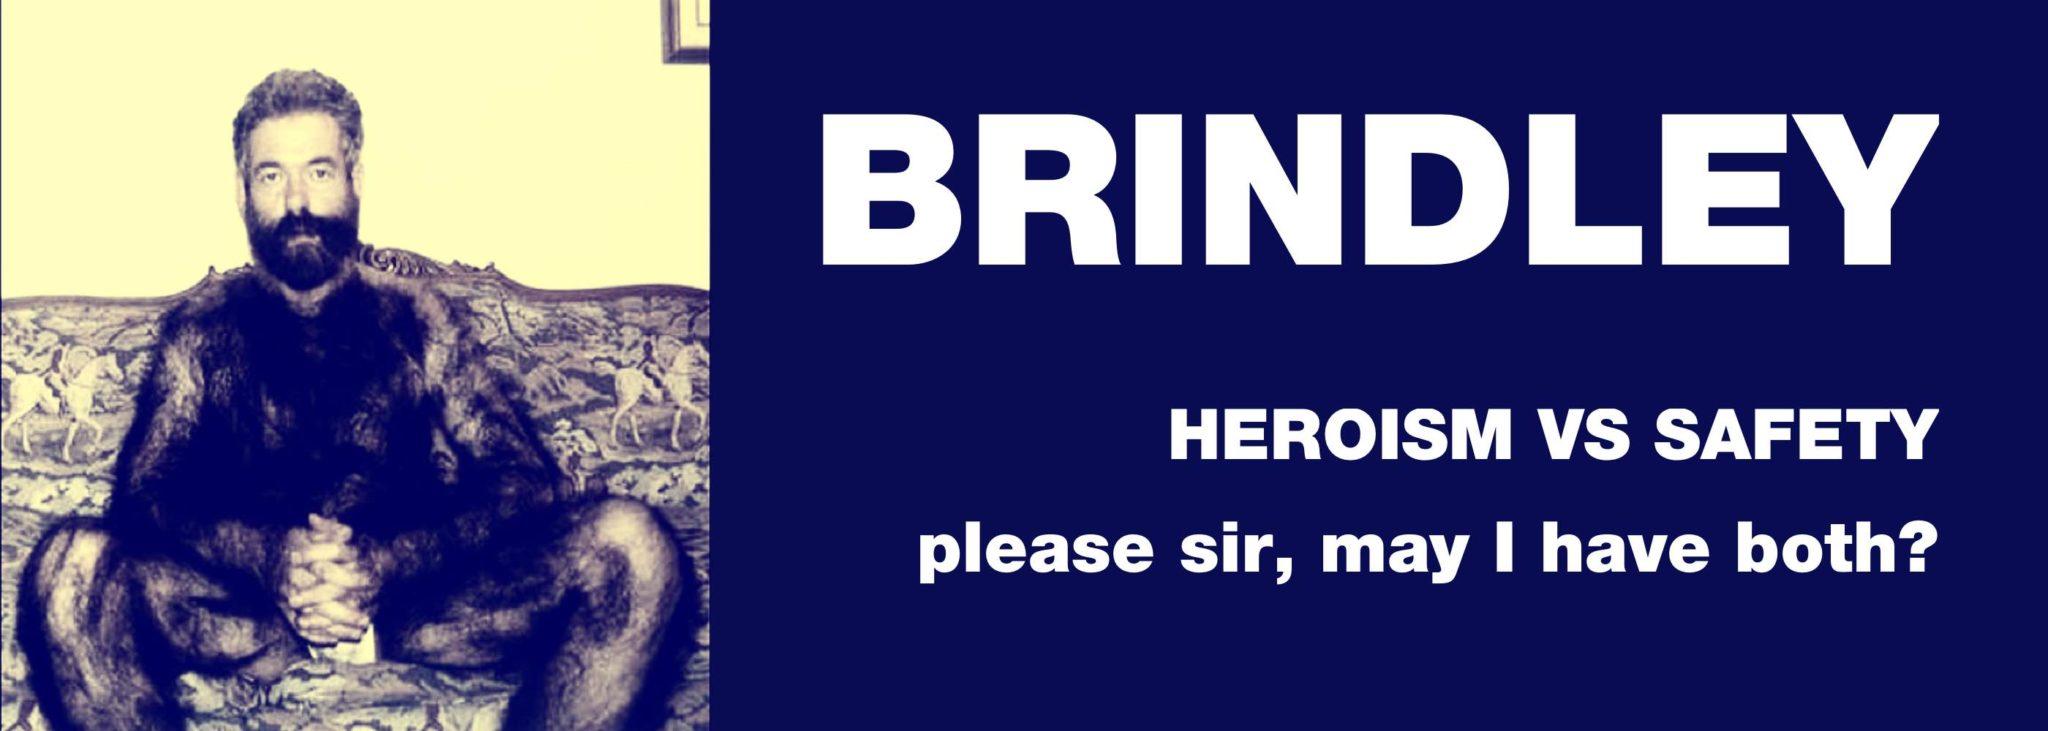 BRINDLEY HEROISM